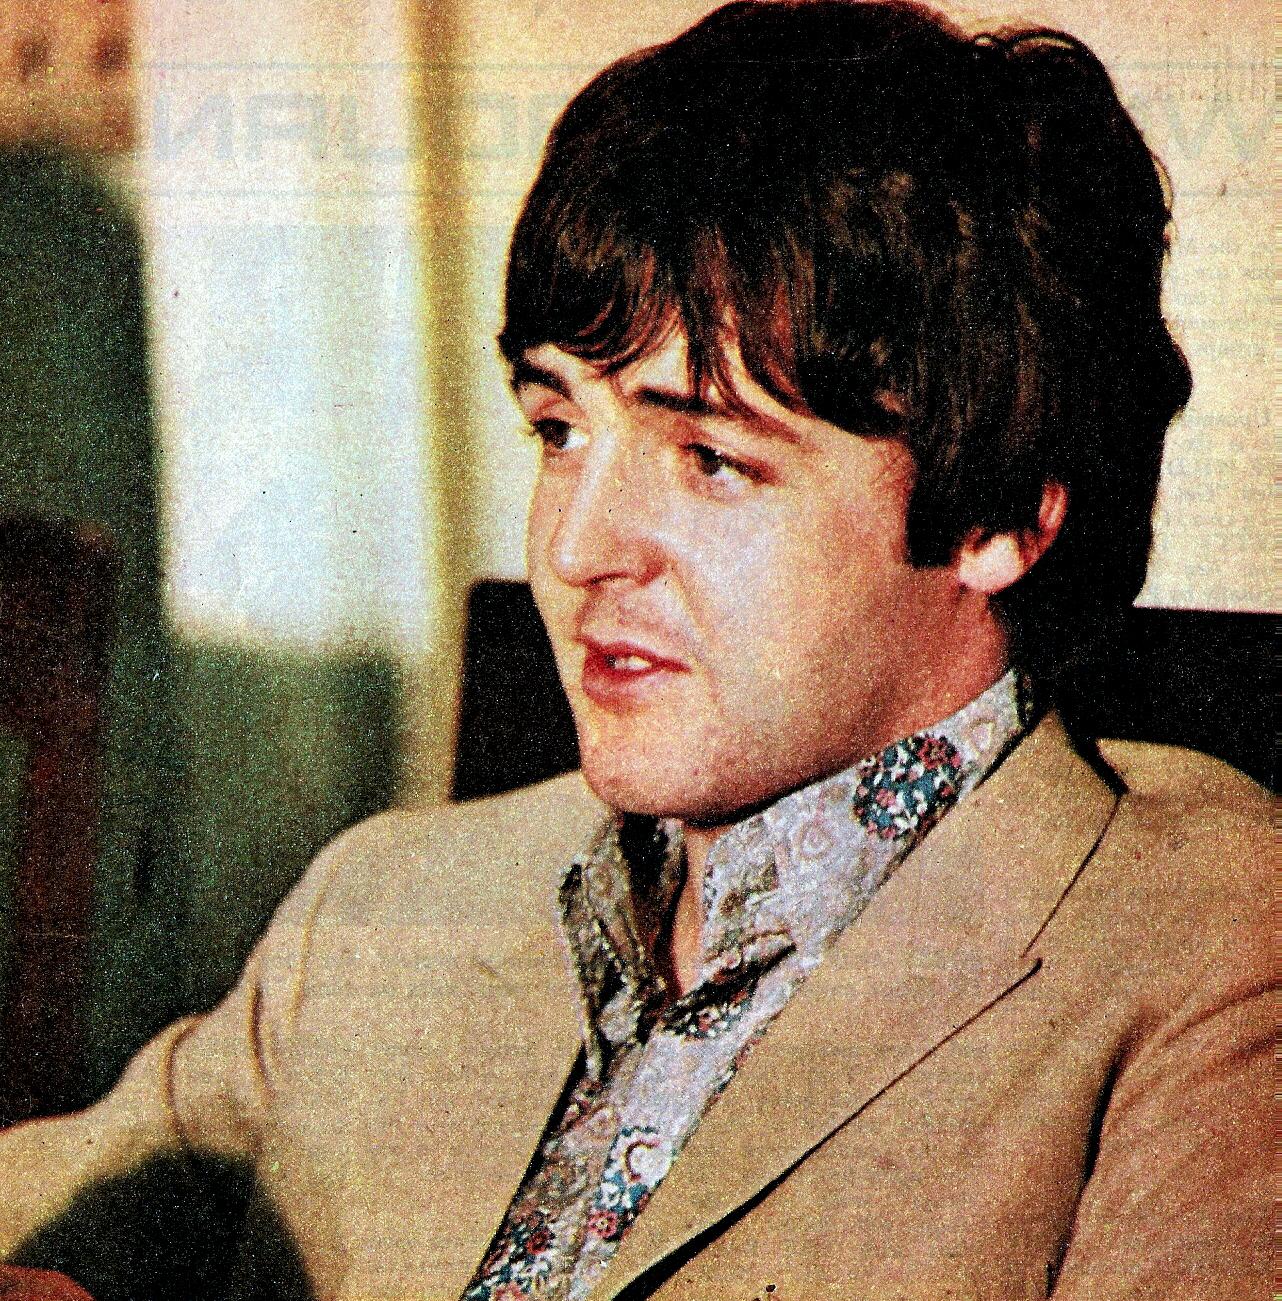 Paul Mccartney 1966